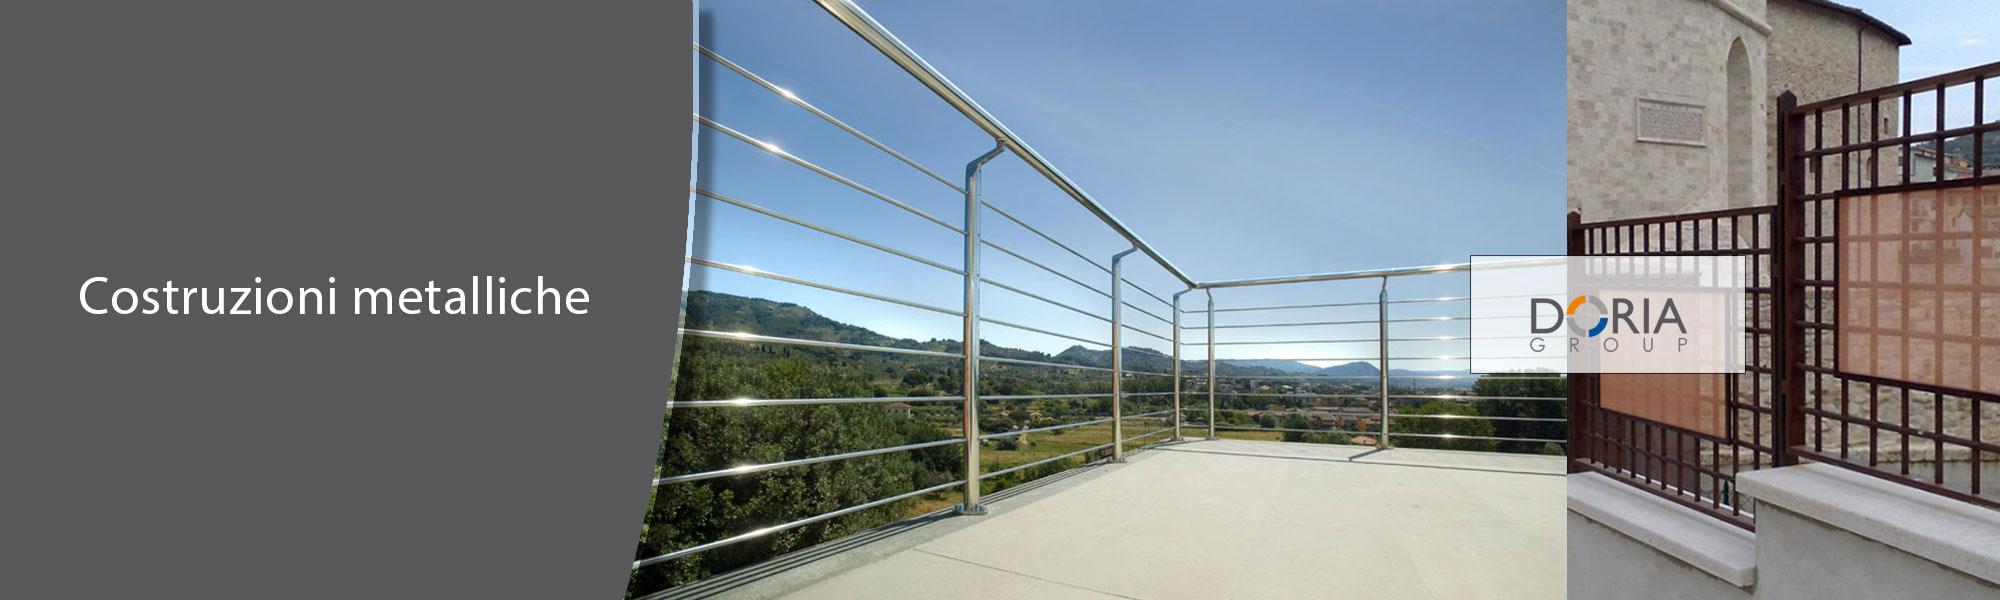 slide-costruzioni-metalliche